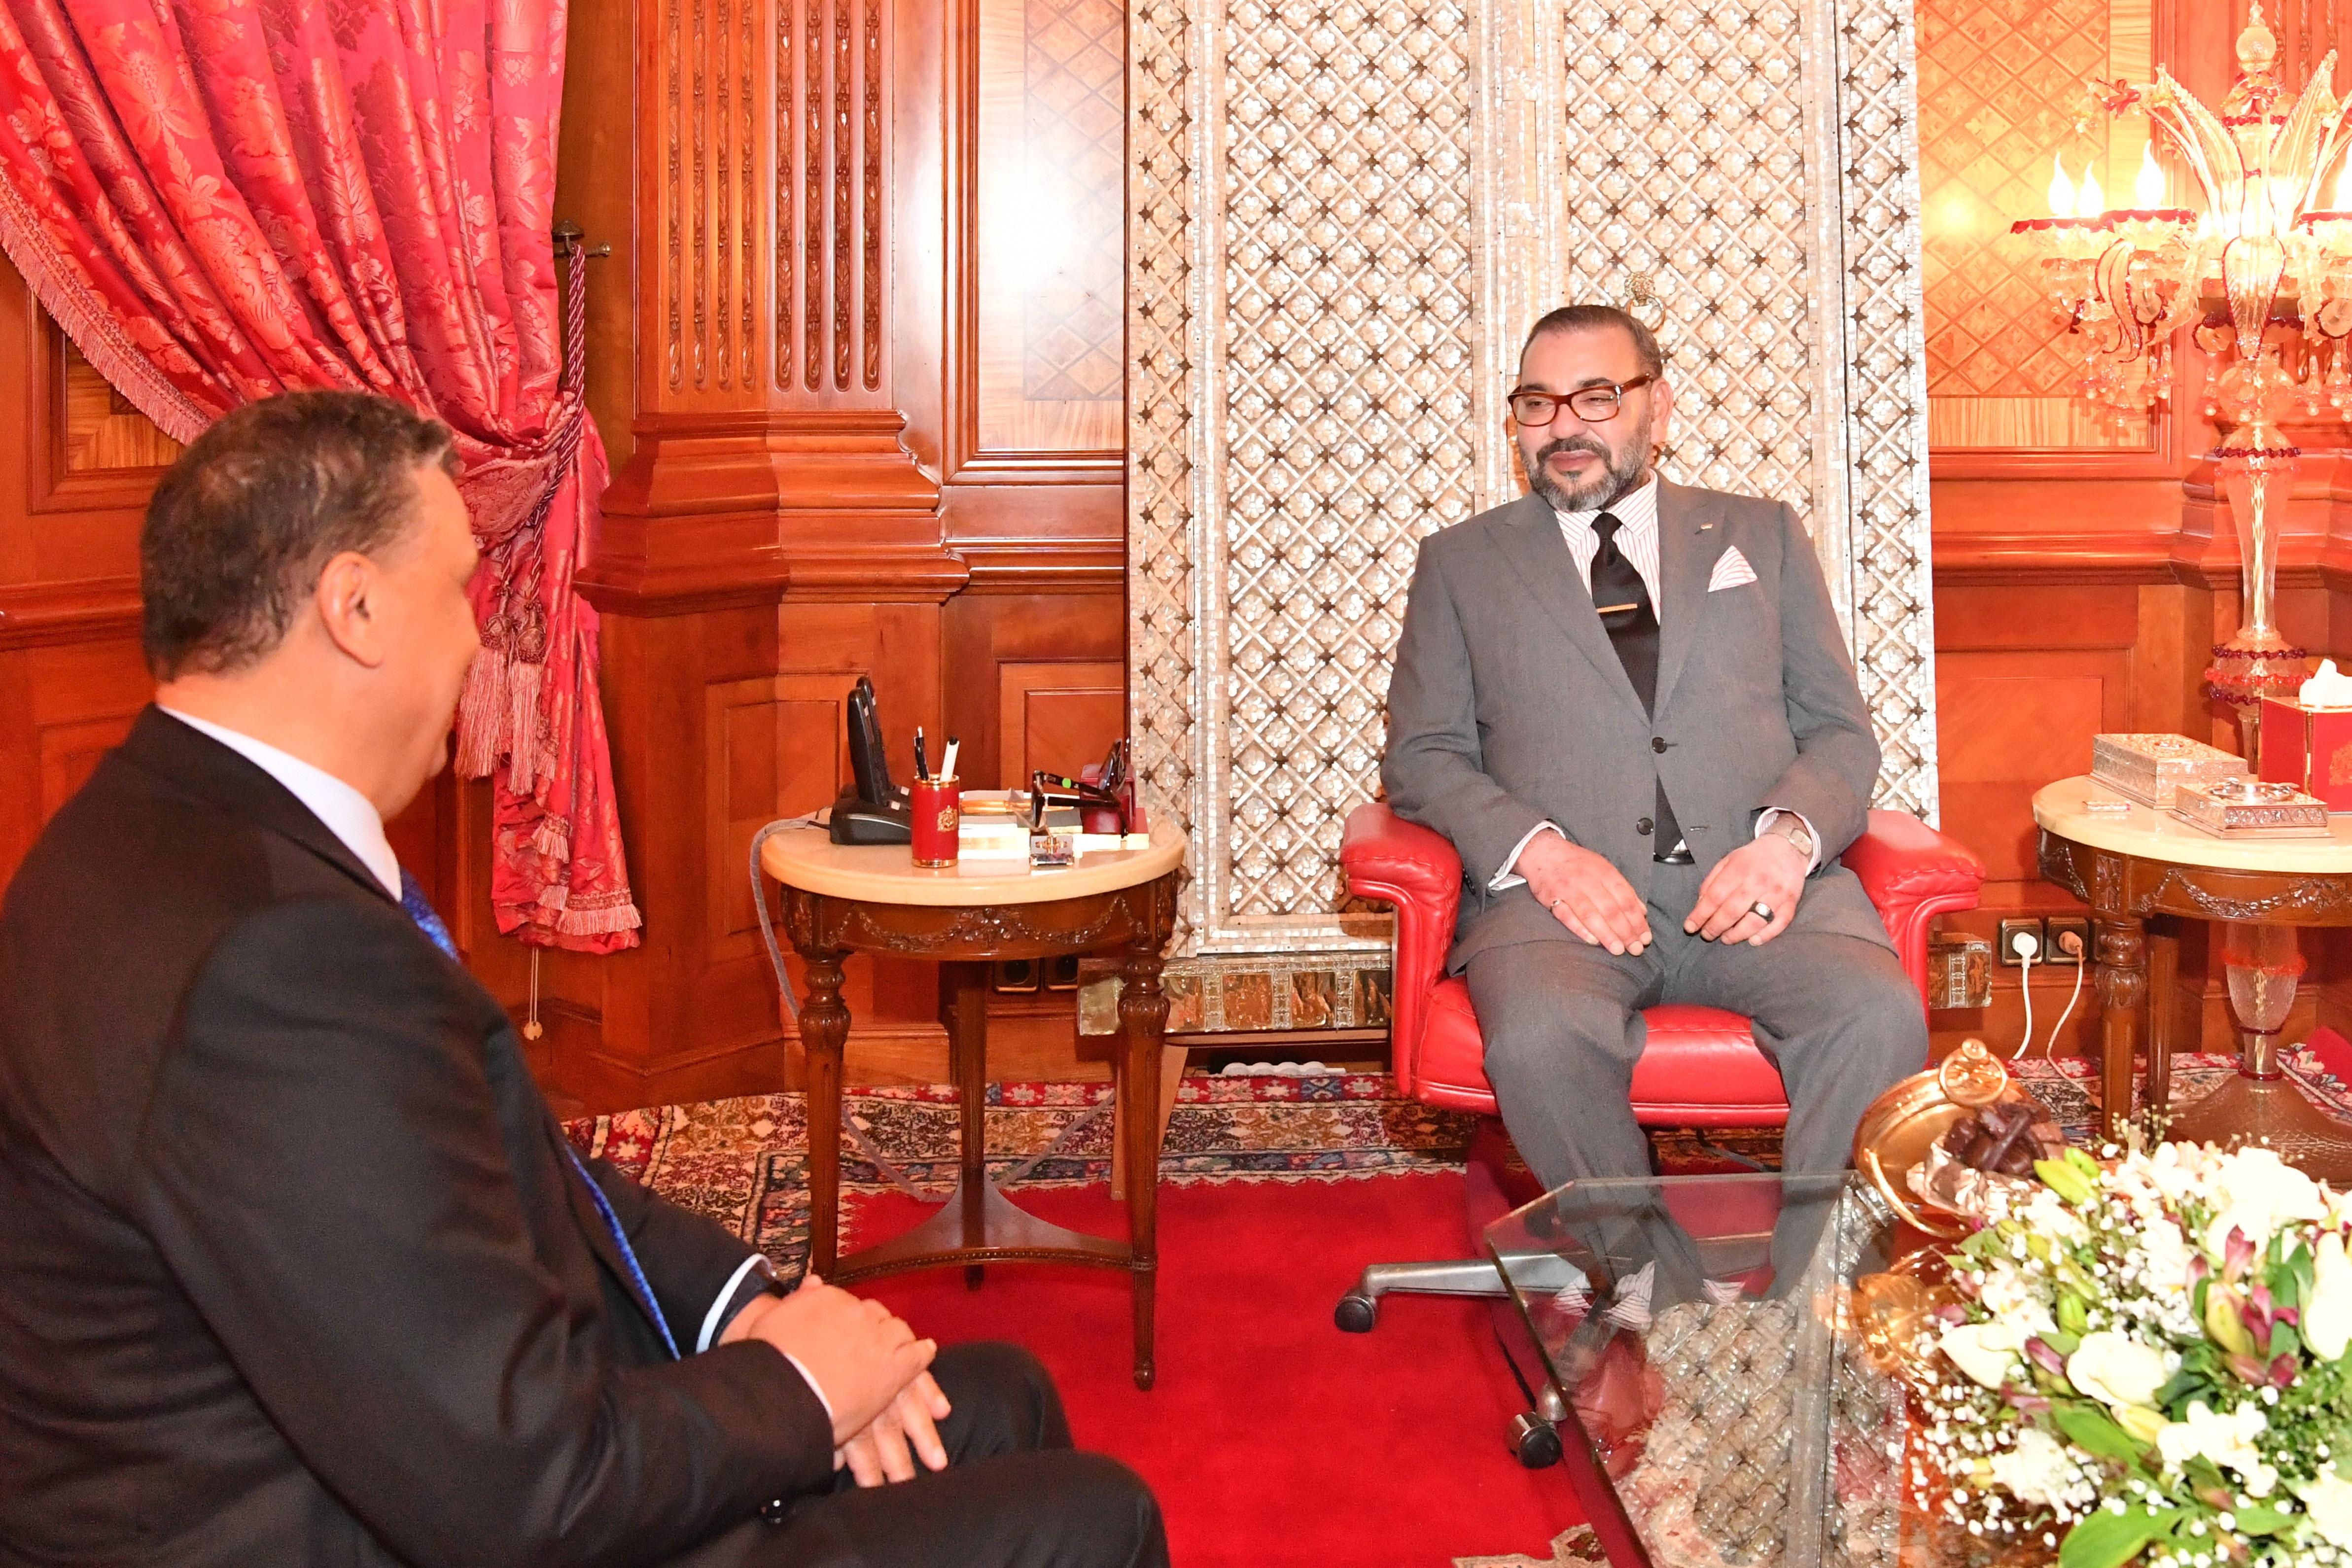 Sa Majesté le Roi Mohammed VI reçoit au Palais Royal de Casablanca M. Abdellatif Ouahbi à sa demande